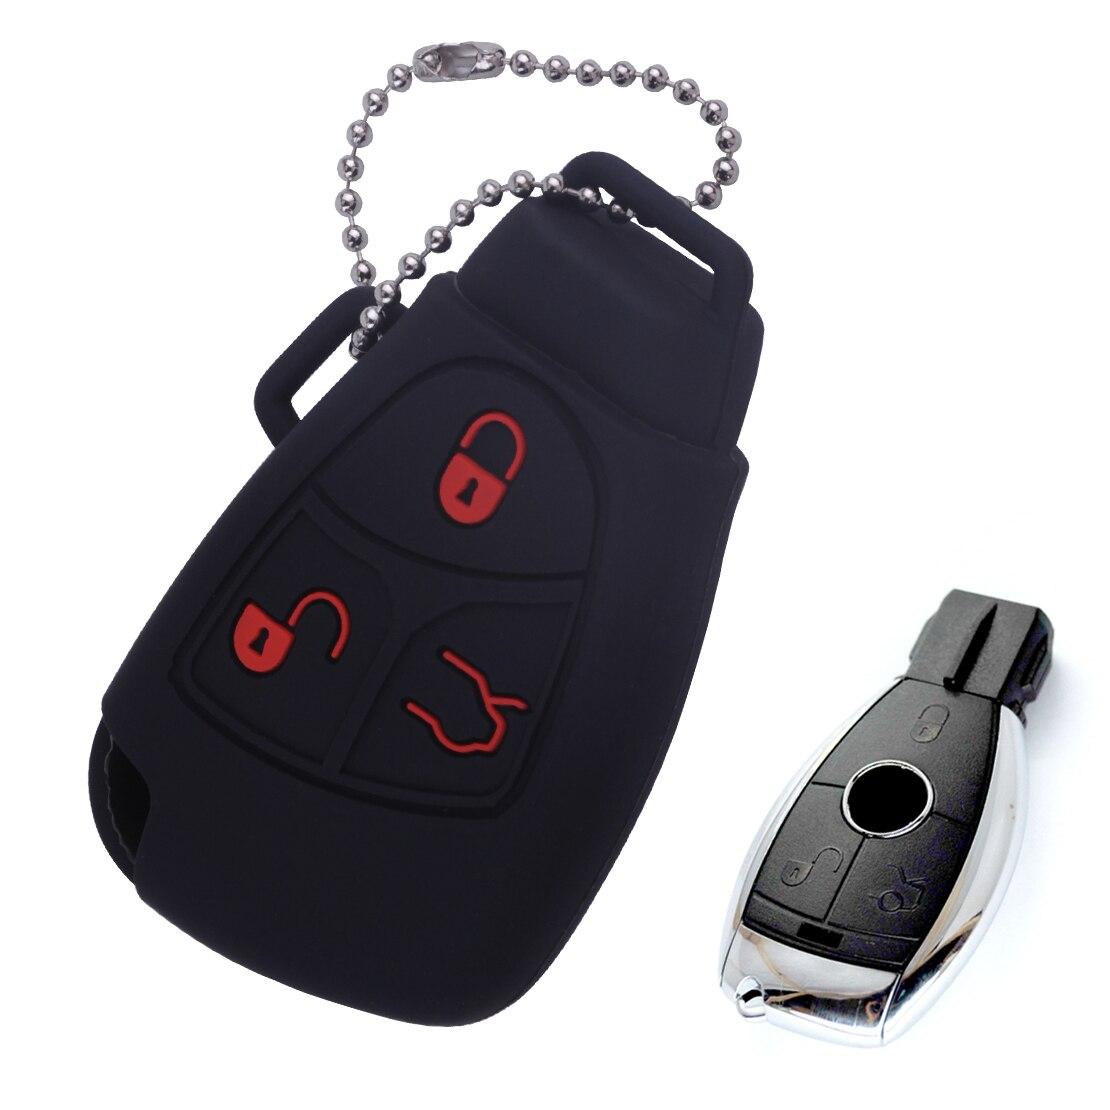 DWCX Car Black Silicone Cover Remote Key Case Jacket Fob For Benz C E G S CL ML CLK SLK 500SEC 500E 500SEL 500SL 600SEC 600SEL